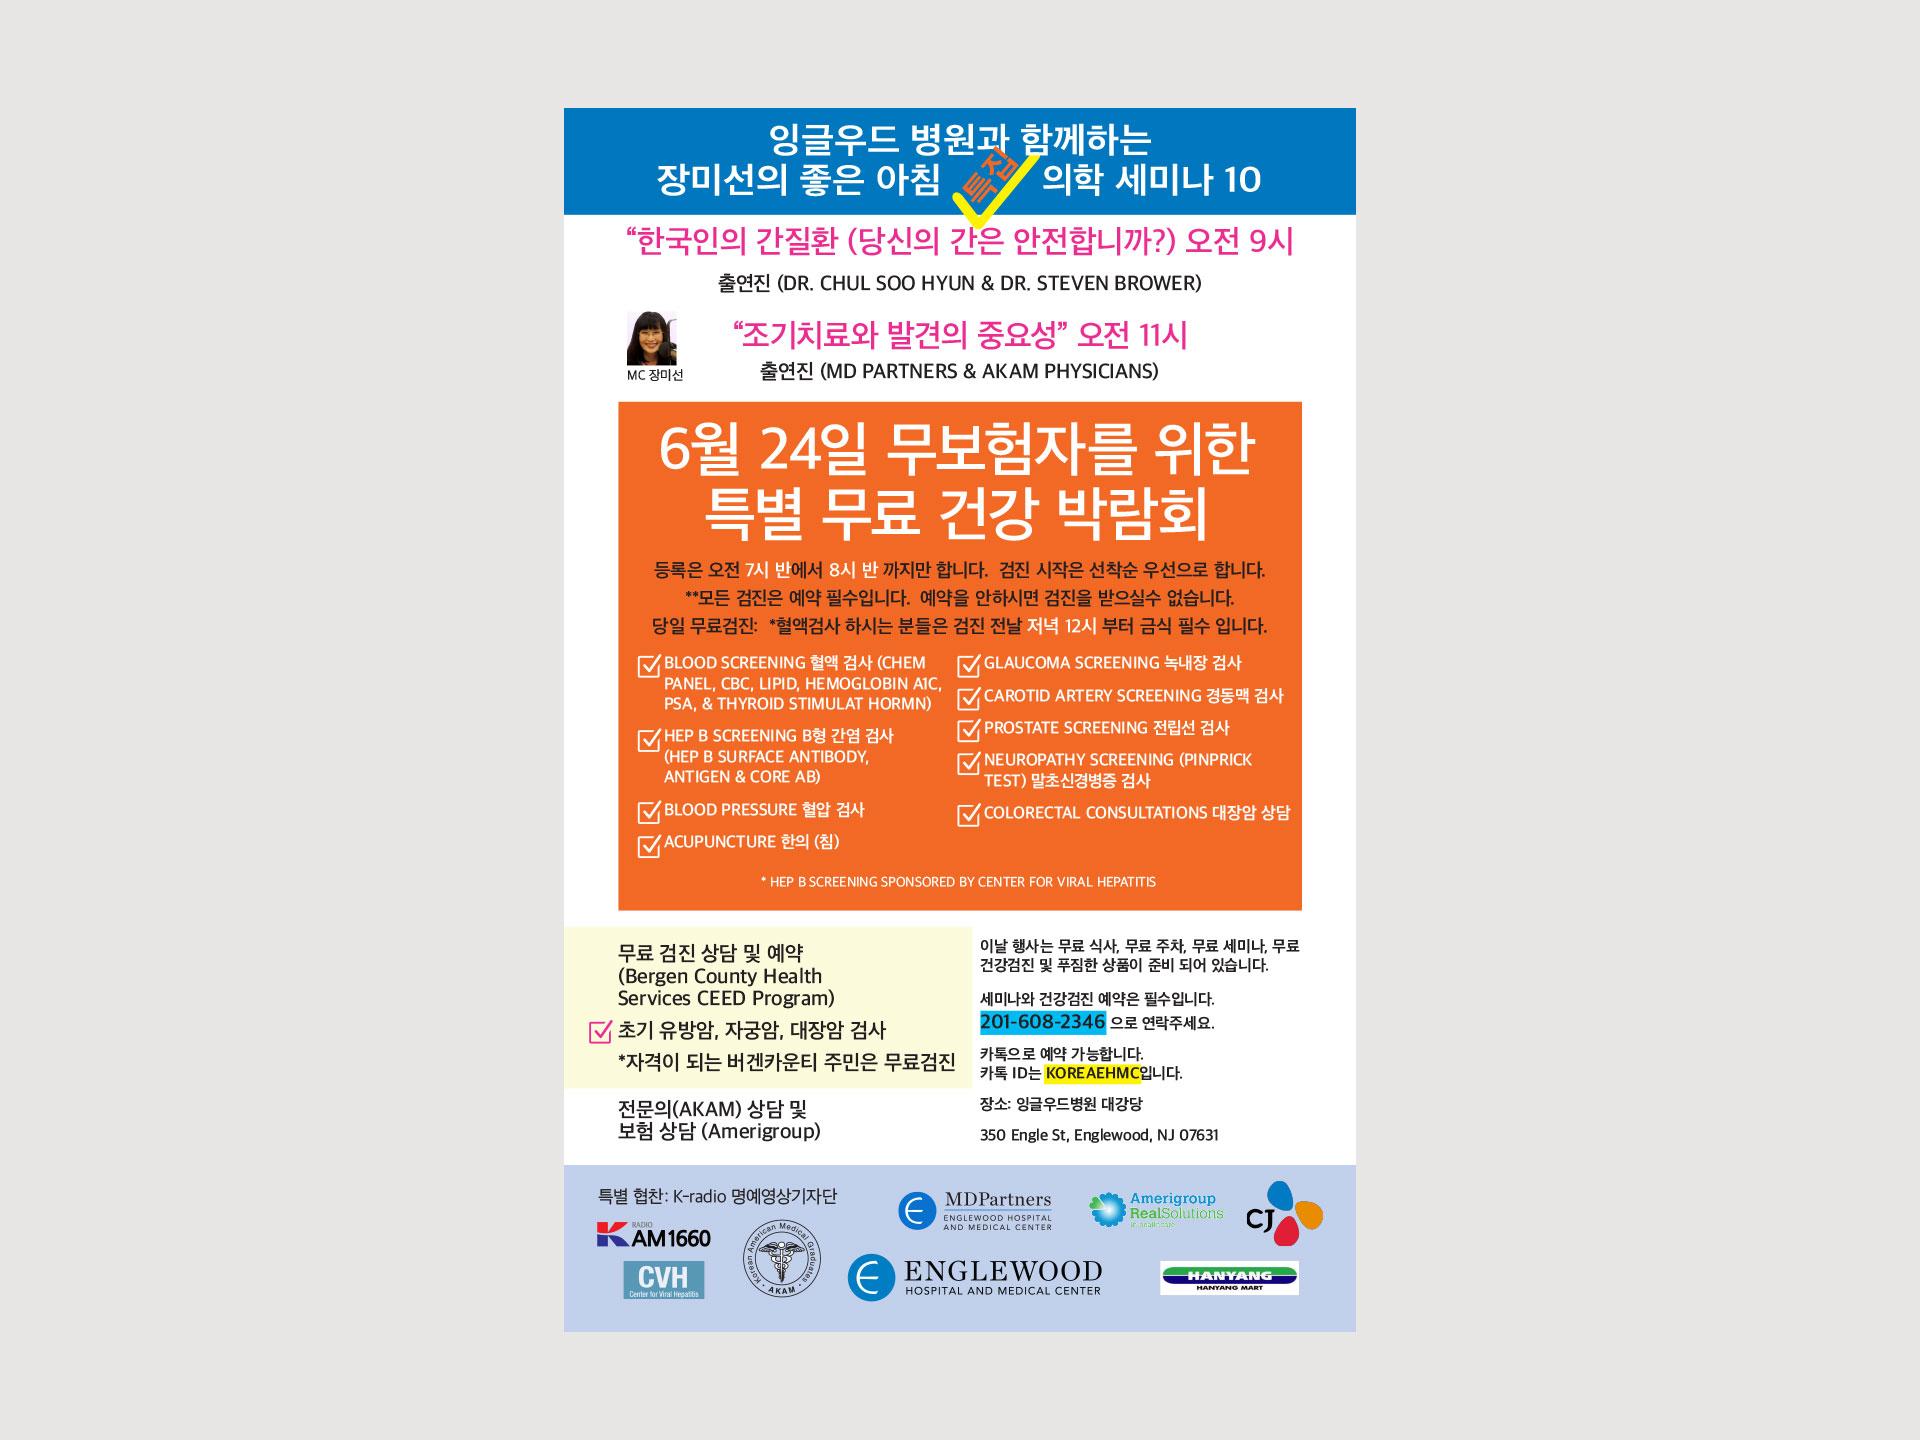 Korean Center event 10